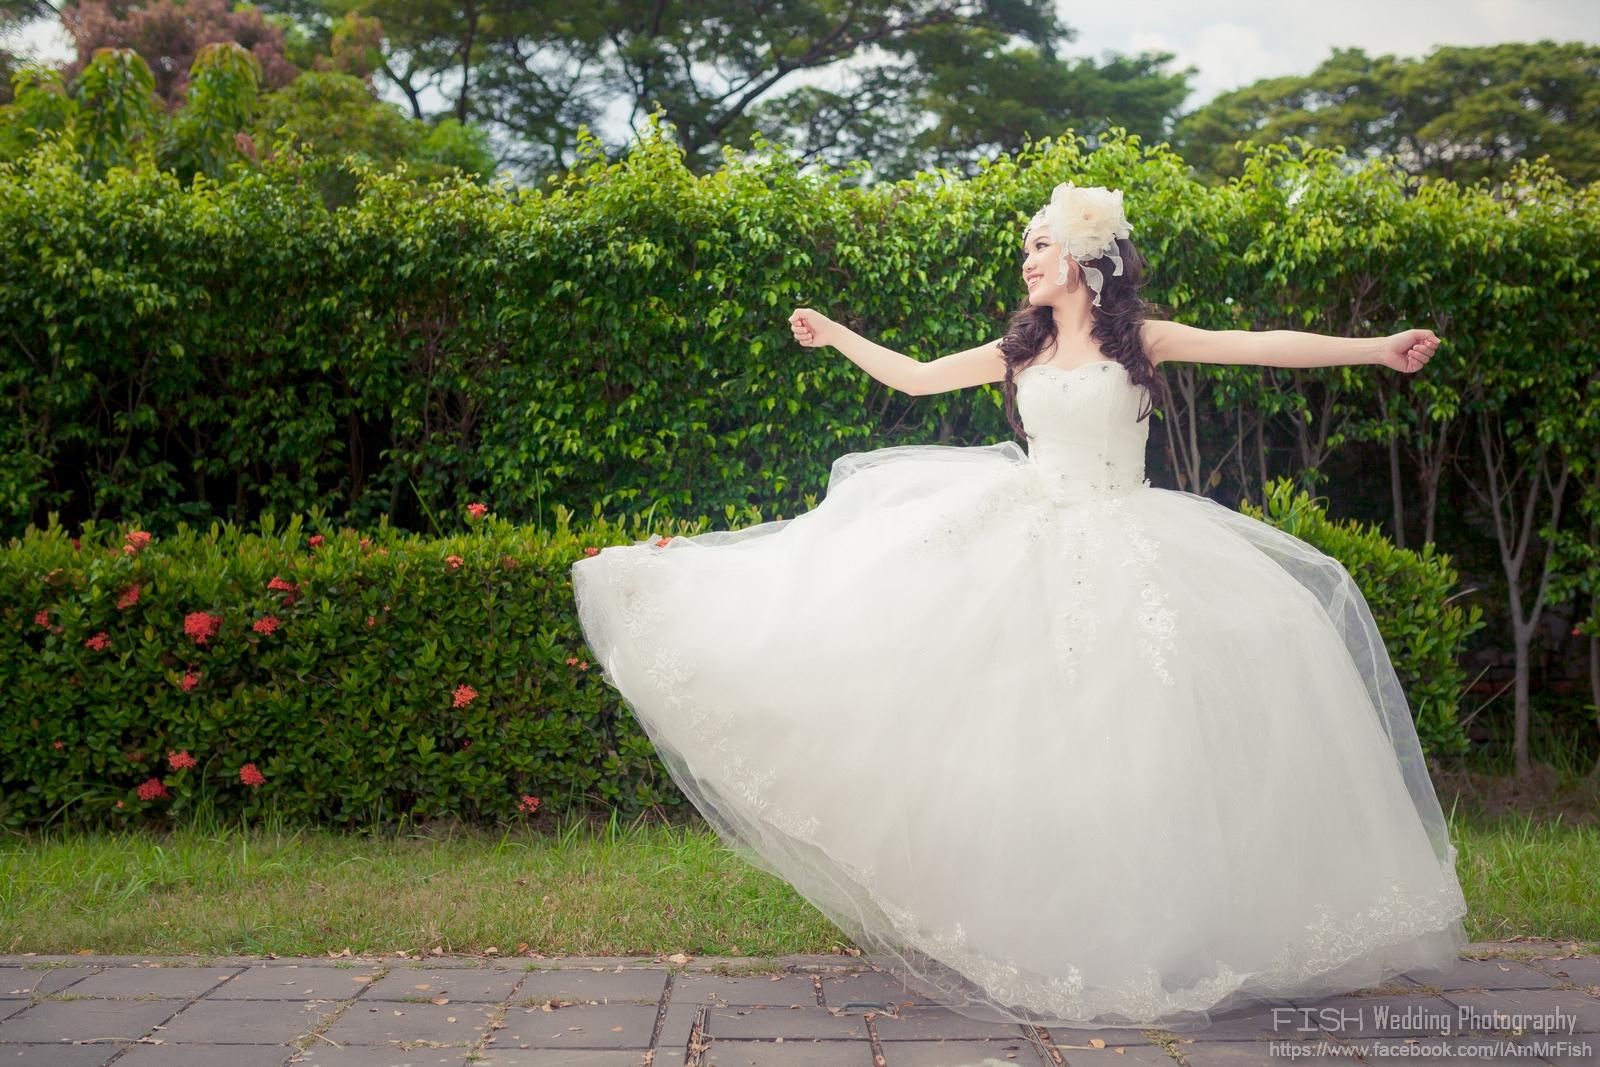 【單人婚紗】怡君幸福婚紗